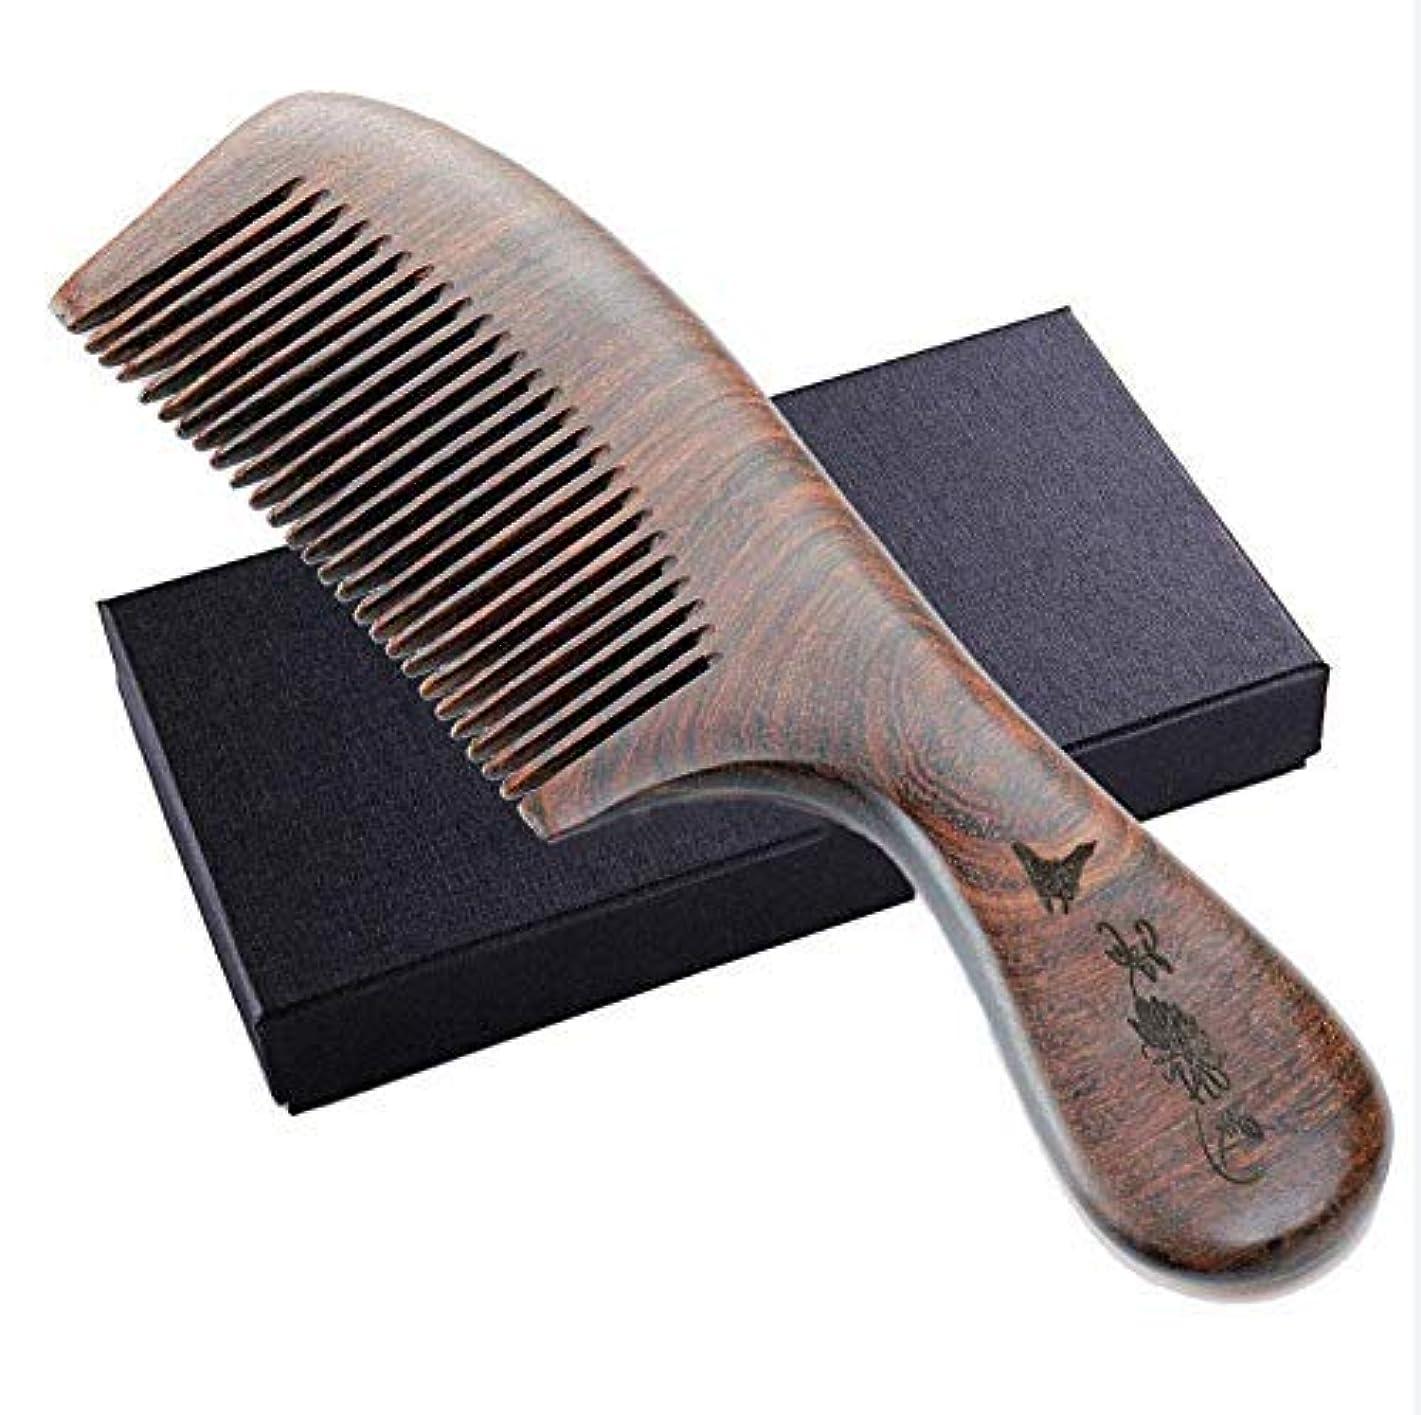 講義圧縮する公演Wooden Hair Comb, Anti-Static, Detangling Fine Tooth Shower Comb,No Static Natural Wooden Sandalwood Comb for...